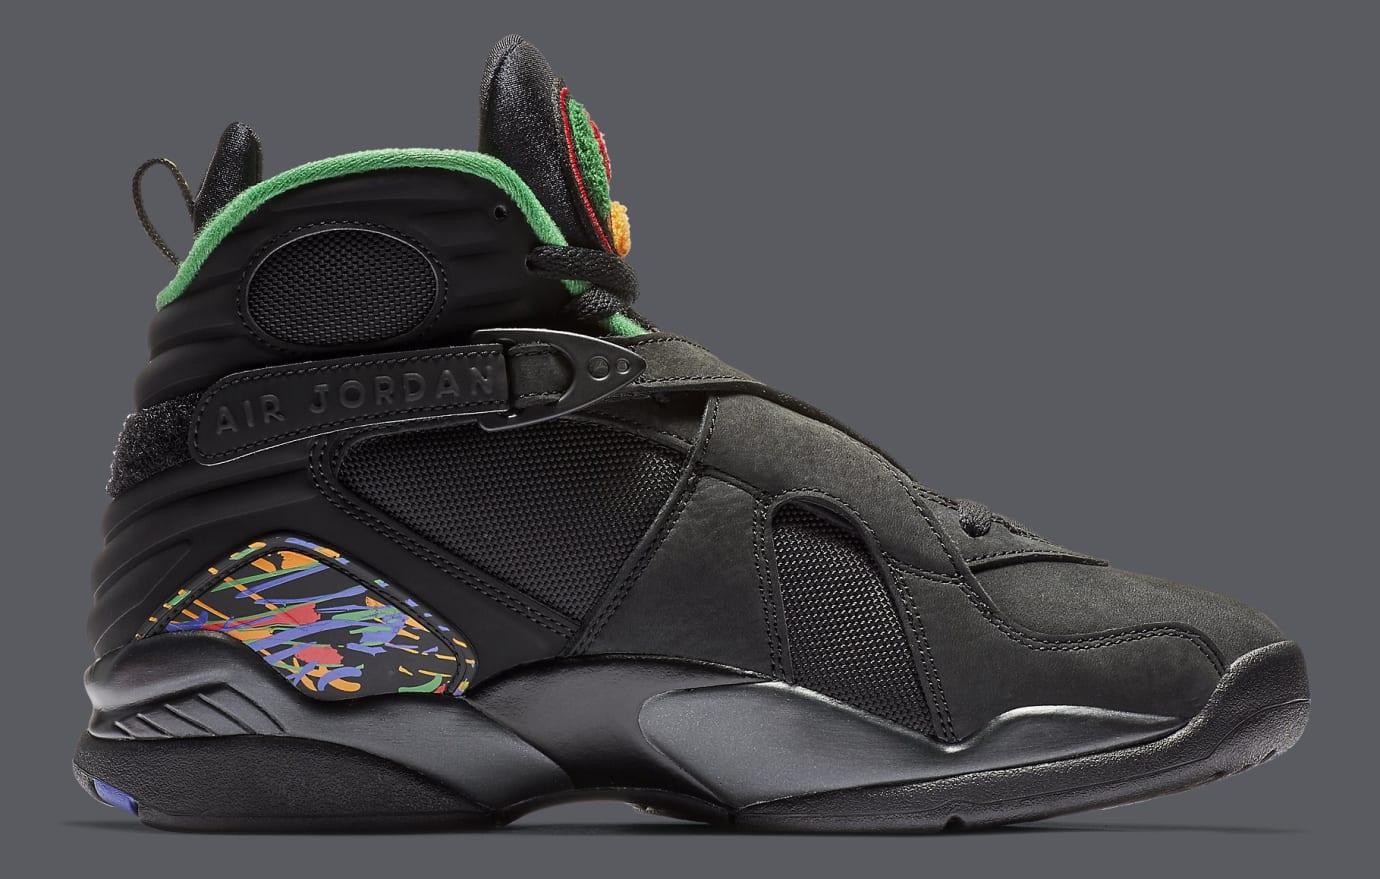 17a0dbc8ac552d Image via Nike Air Jordan 8 VIII Tinker Air Raid Release Date 305381-004  Medial